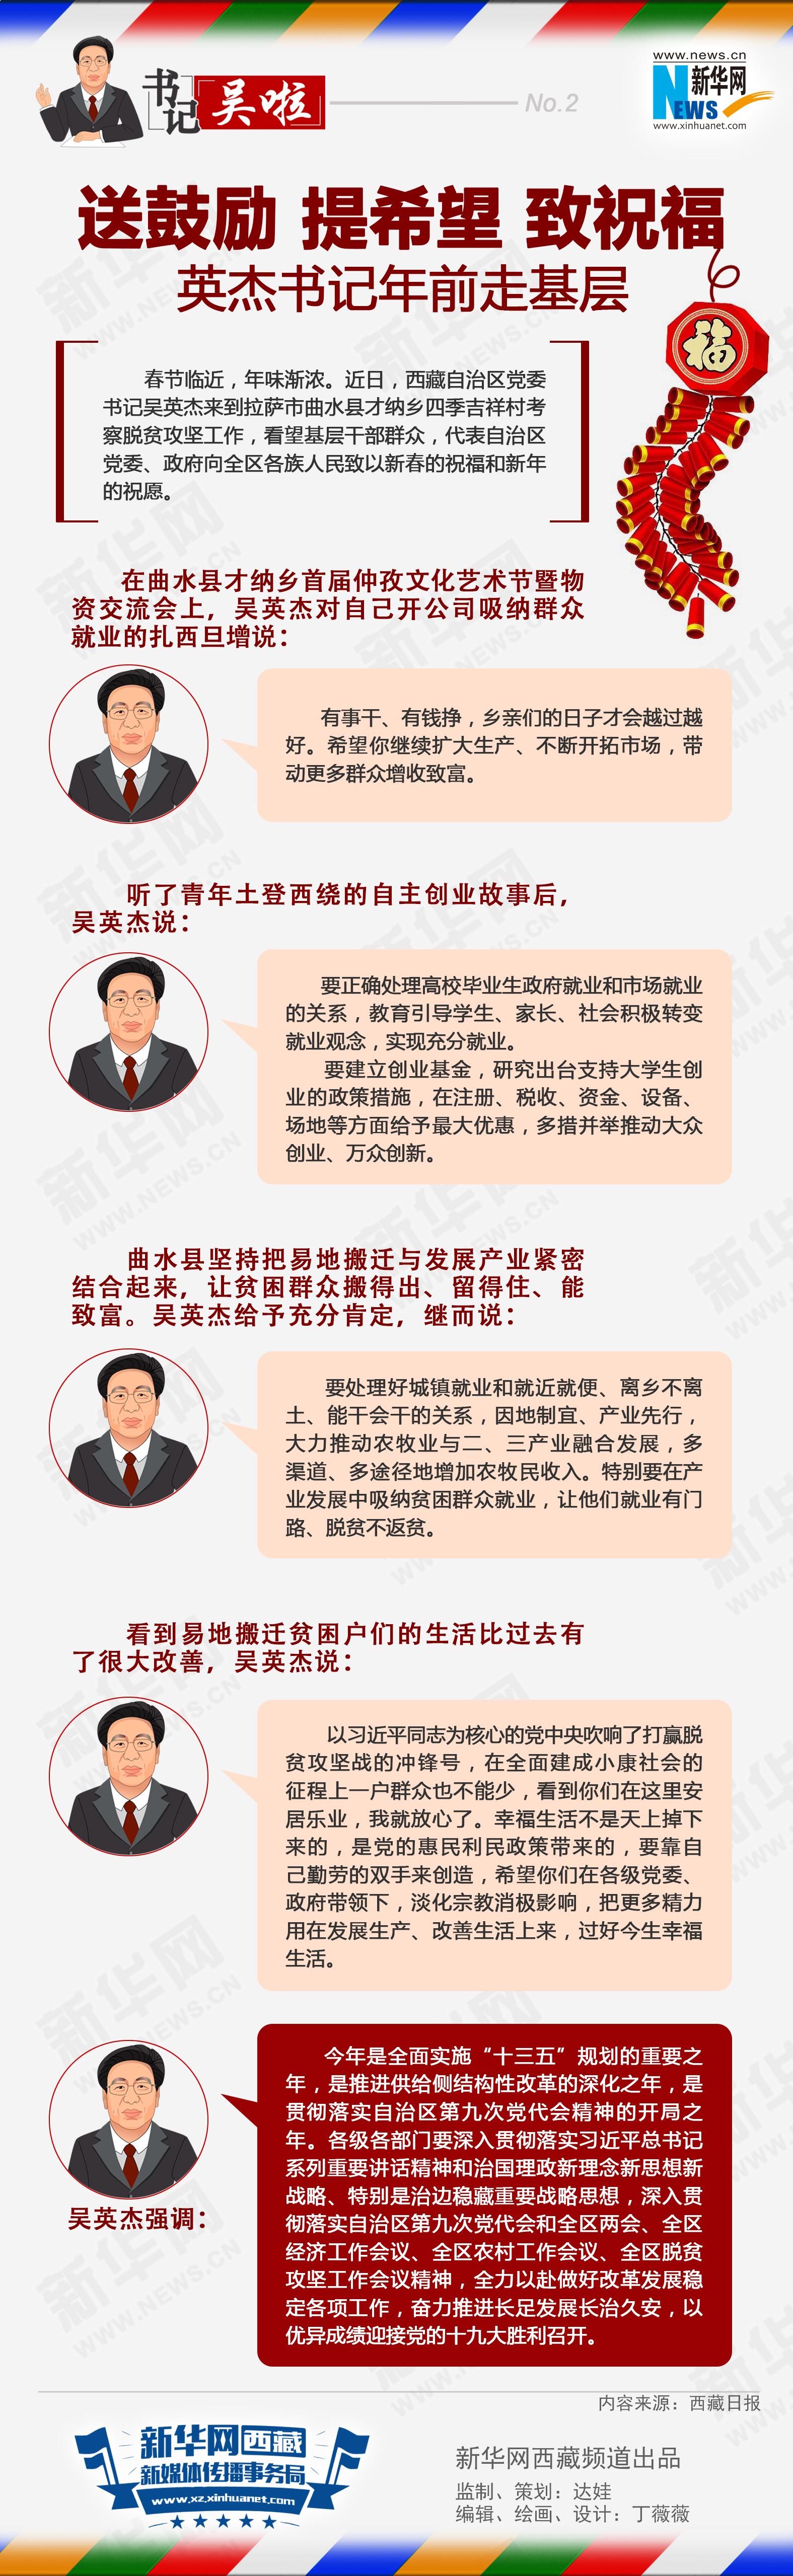 数据新闻:《书记吴啦》之走基层 送祝福